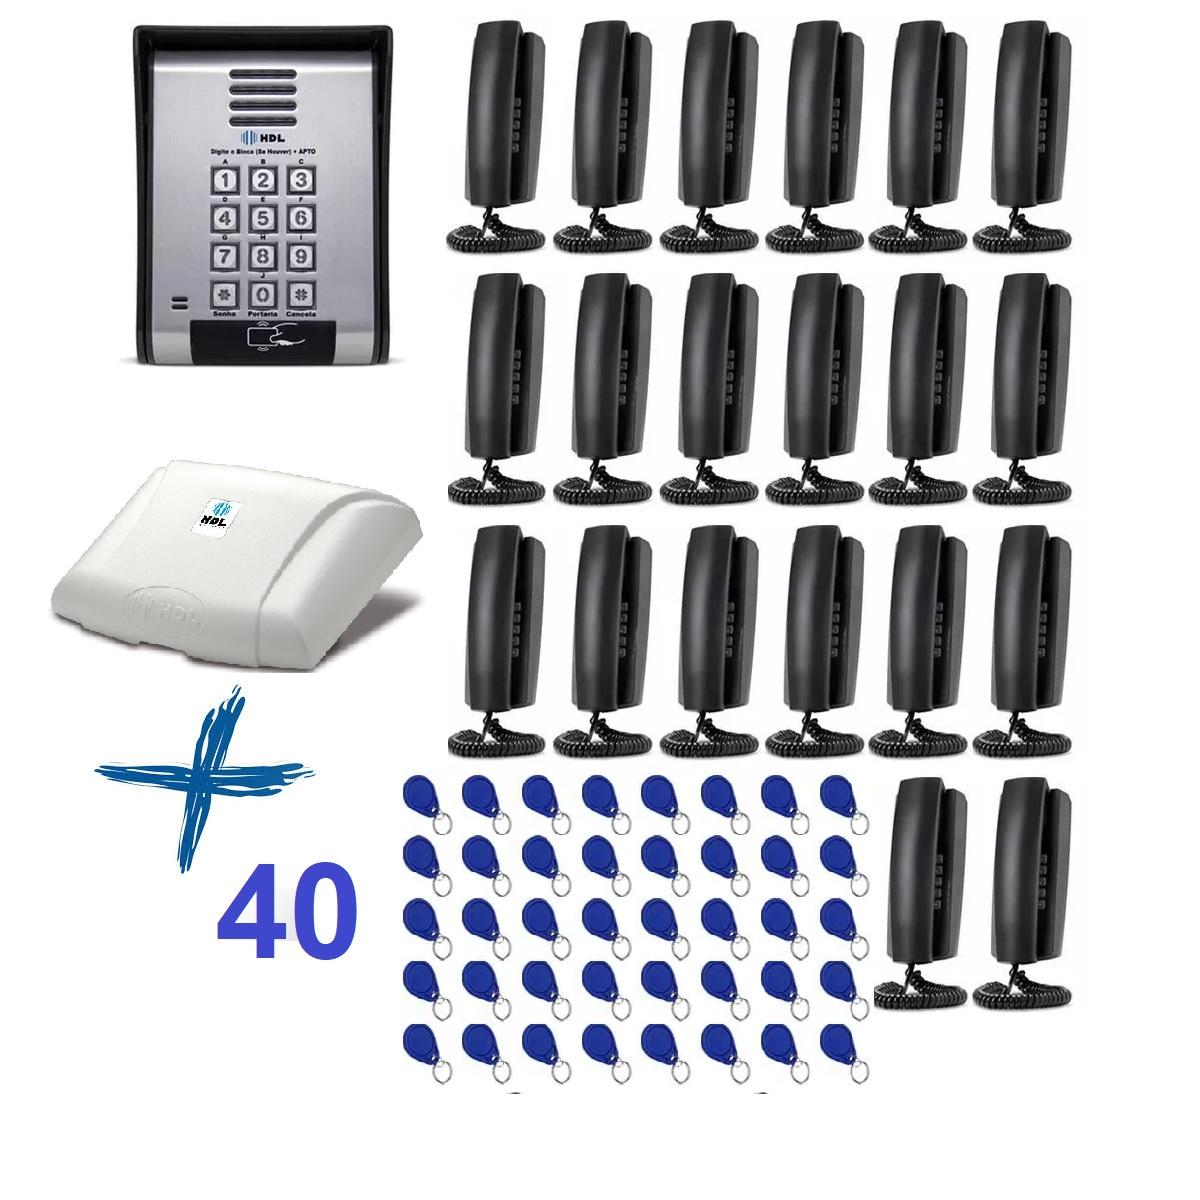 Porteiro Eletrônico HDL Coletivo 20 Pontos e 40 Tag Para Controle de Acesso